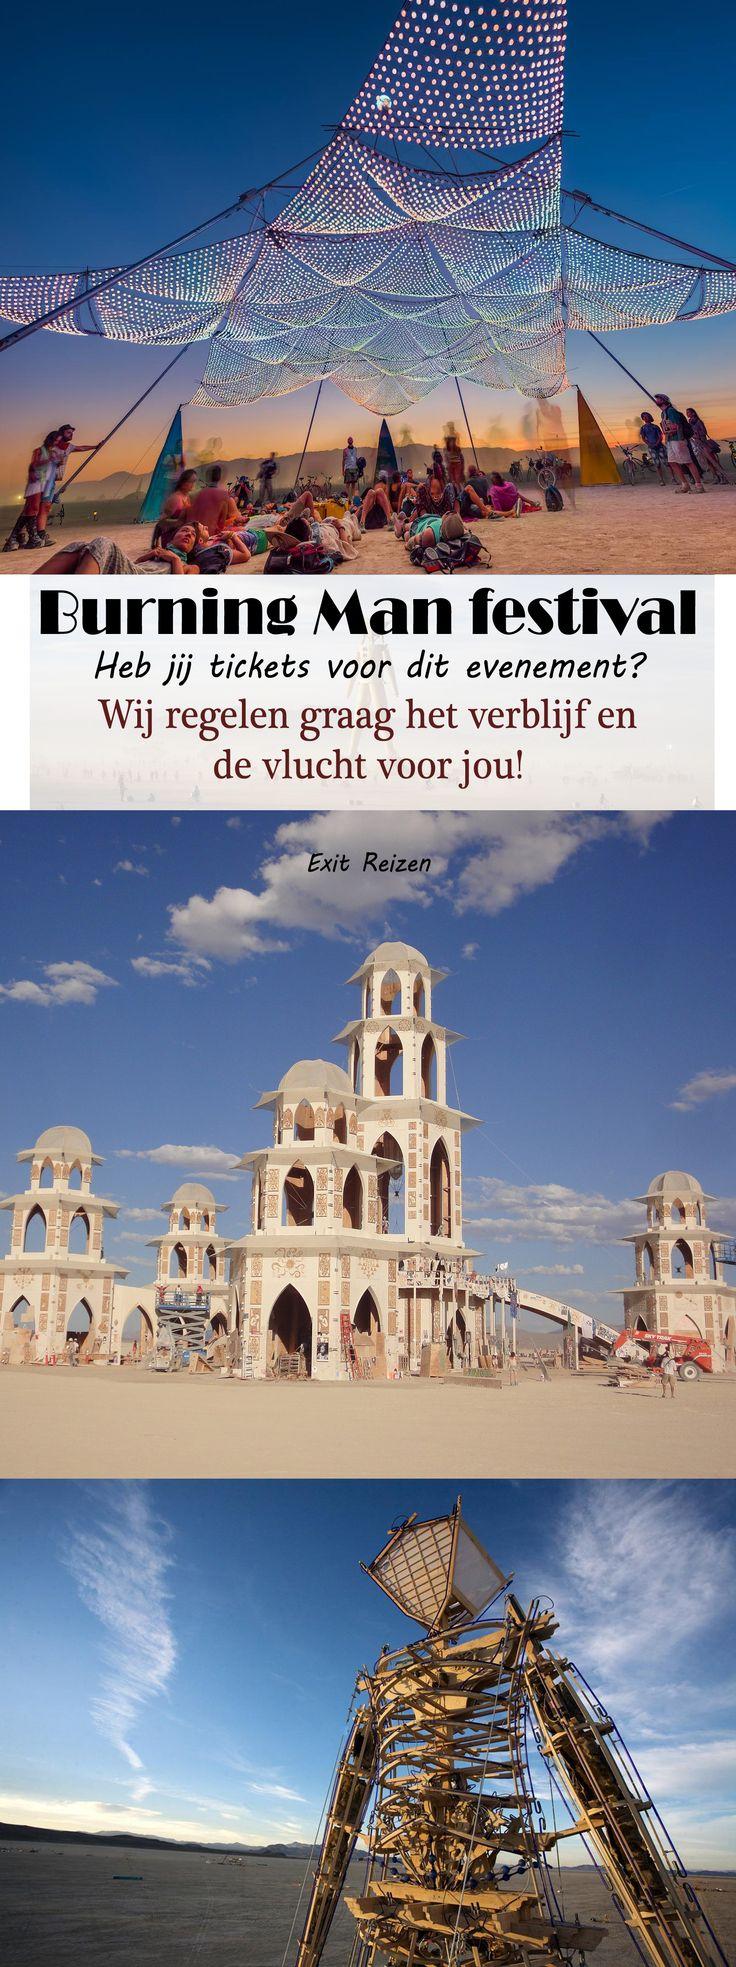 Wij helpen jou graag op weg naar evenementen in Amerika! van plan naar het festival Burning Man te gaan? Wij regelen graag jou vlucht en verblijf! #burning #man #burningman #event #festival #evenement #travel #reizen #reis #events #usa #amerika